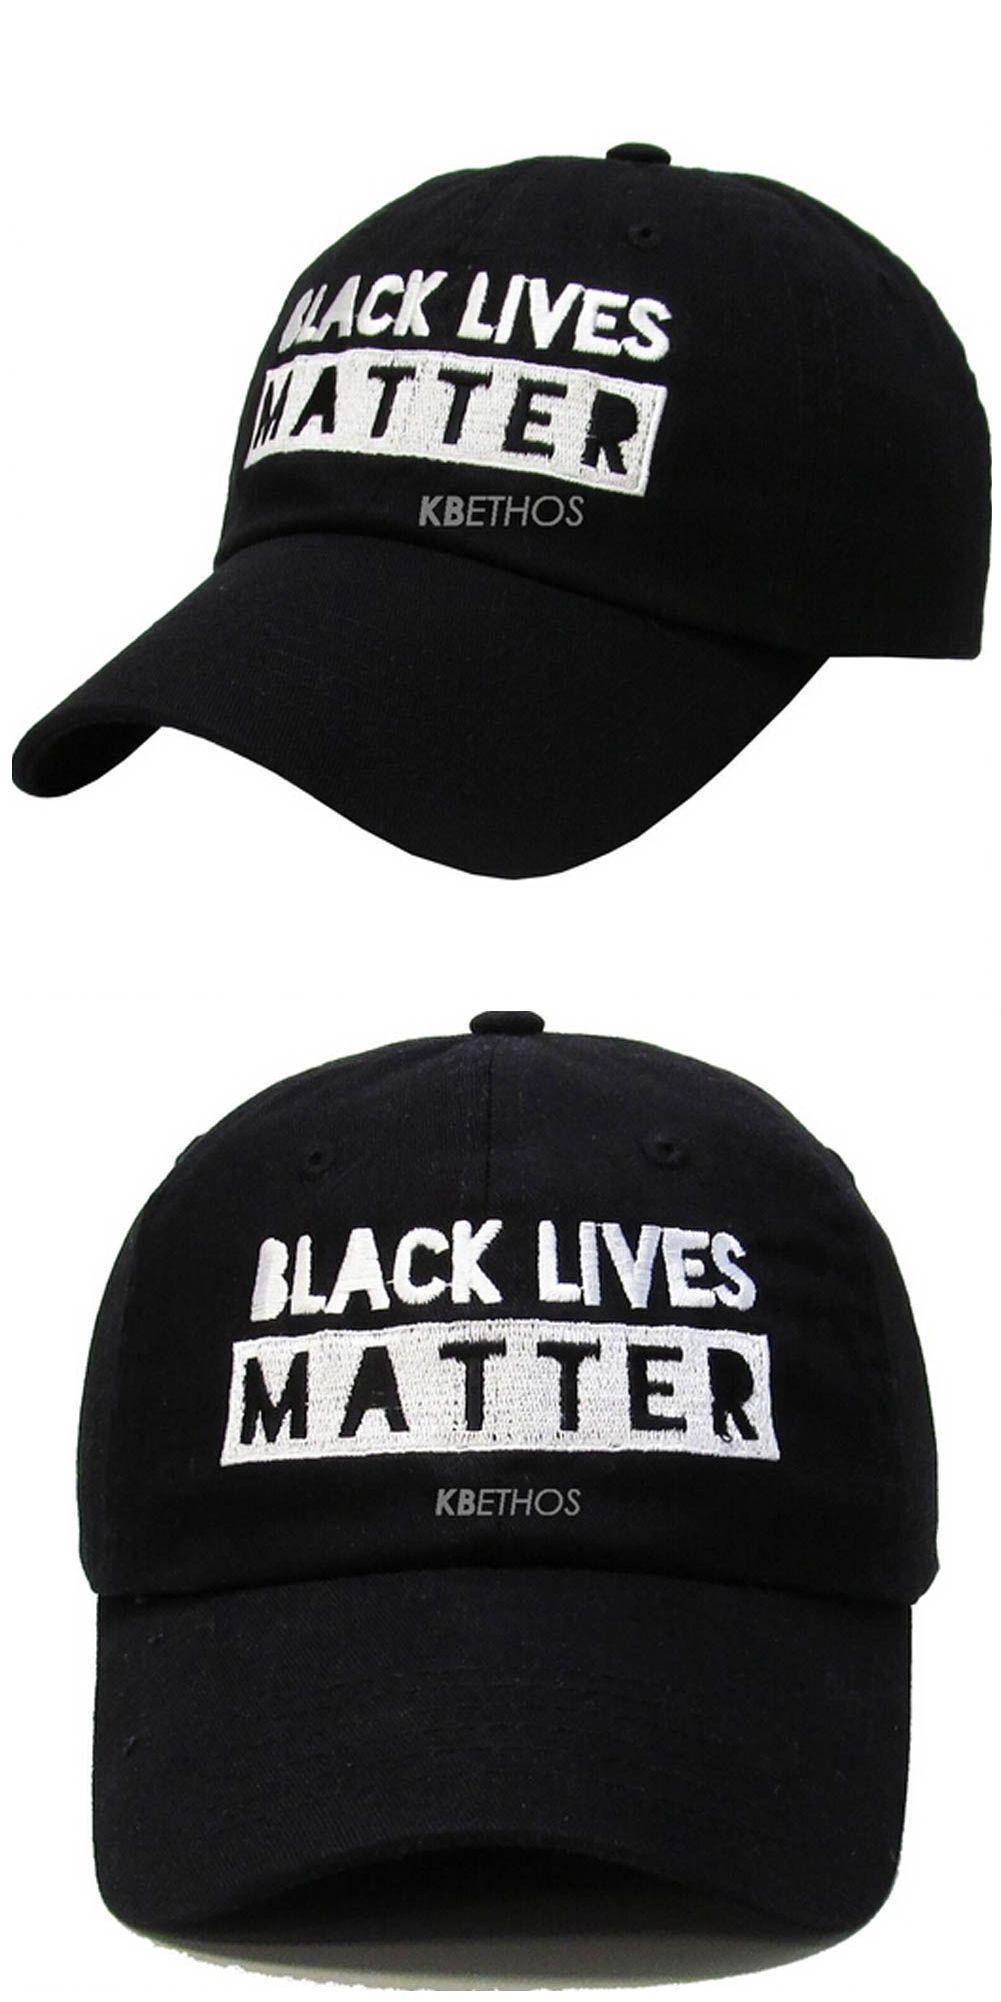 c9bf0da8dbe5f high quality Black Lives Matter Letters Print Baseball Cap Trucker Hat For Women  Men Unisex Mesh